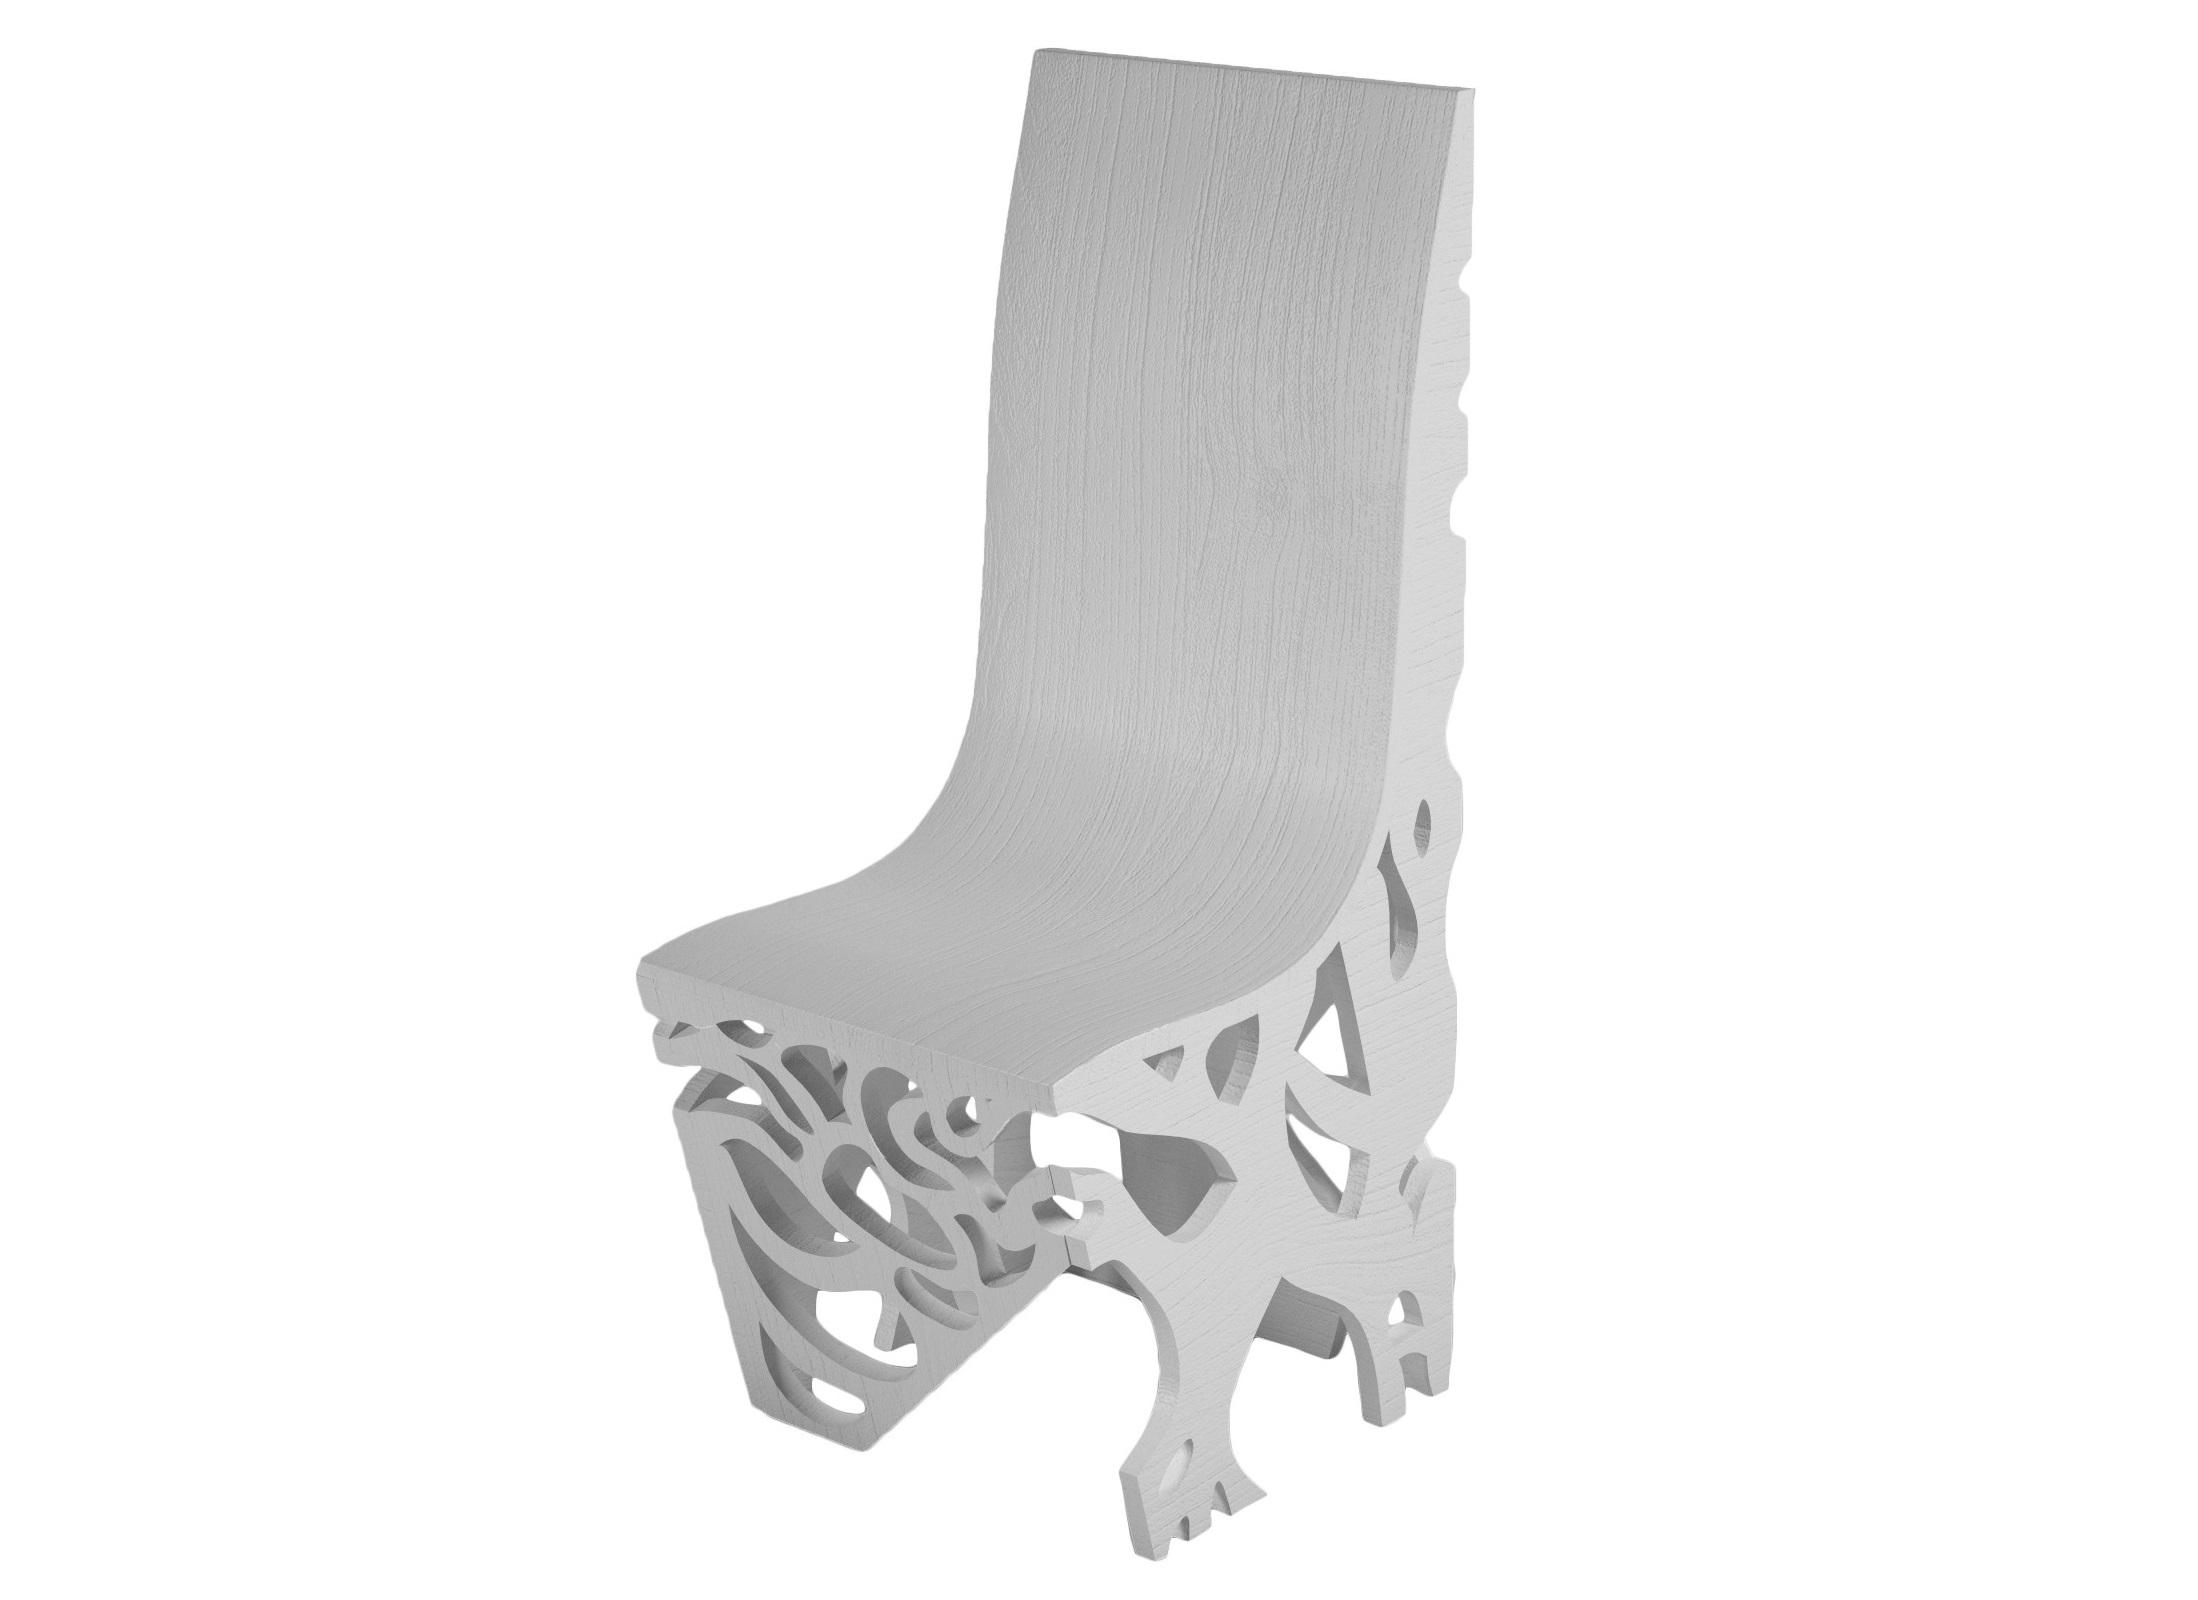 Стул ПлющБарные стулья<br>Потрясающе красивый стул с резными вставками! Очень удобный и преобразит ваш интерьер до неузнаваемости!&amp;amp;nbsp;&amp;lt;div&amp;gt;&amp;lt;br&amp;gt;&amp;lt;/div&amp;gt;&amp;lt;div&amp;gt;Материал: МДФ, шпон&amp;amp;nbsp;&amp;lt;/div&amp;gt;<br><br>Material: МДФ<br>Width см: 43<br>Depth см: 56<br>Height см: 111